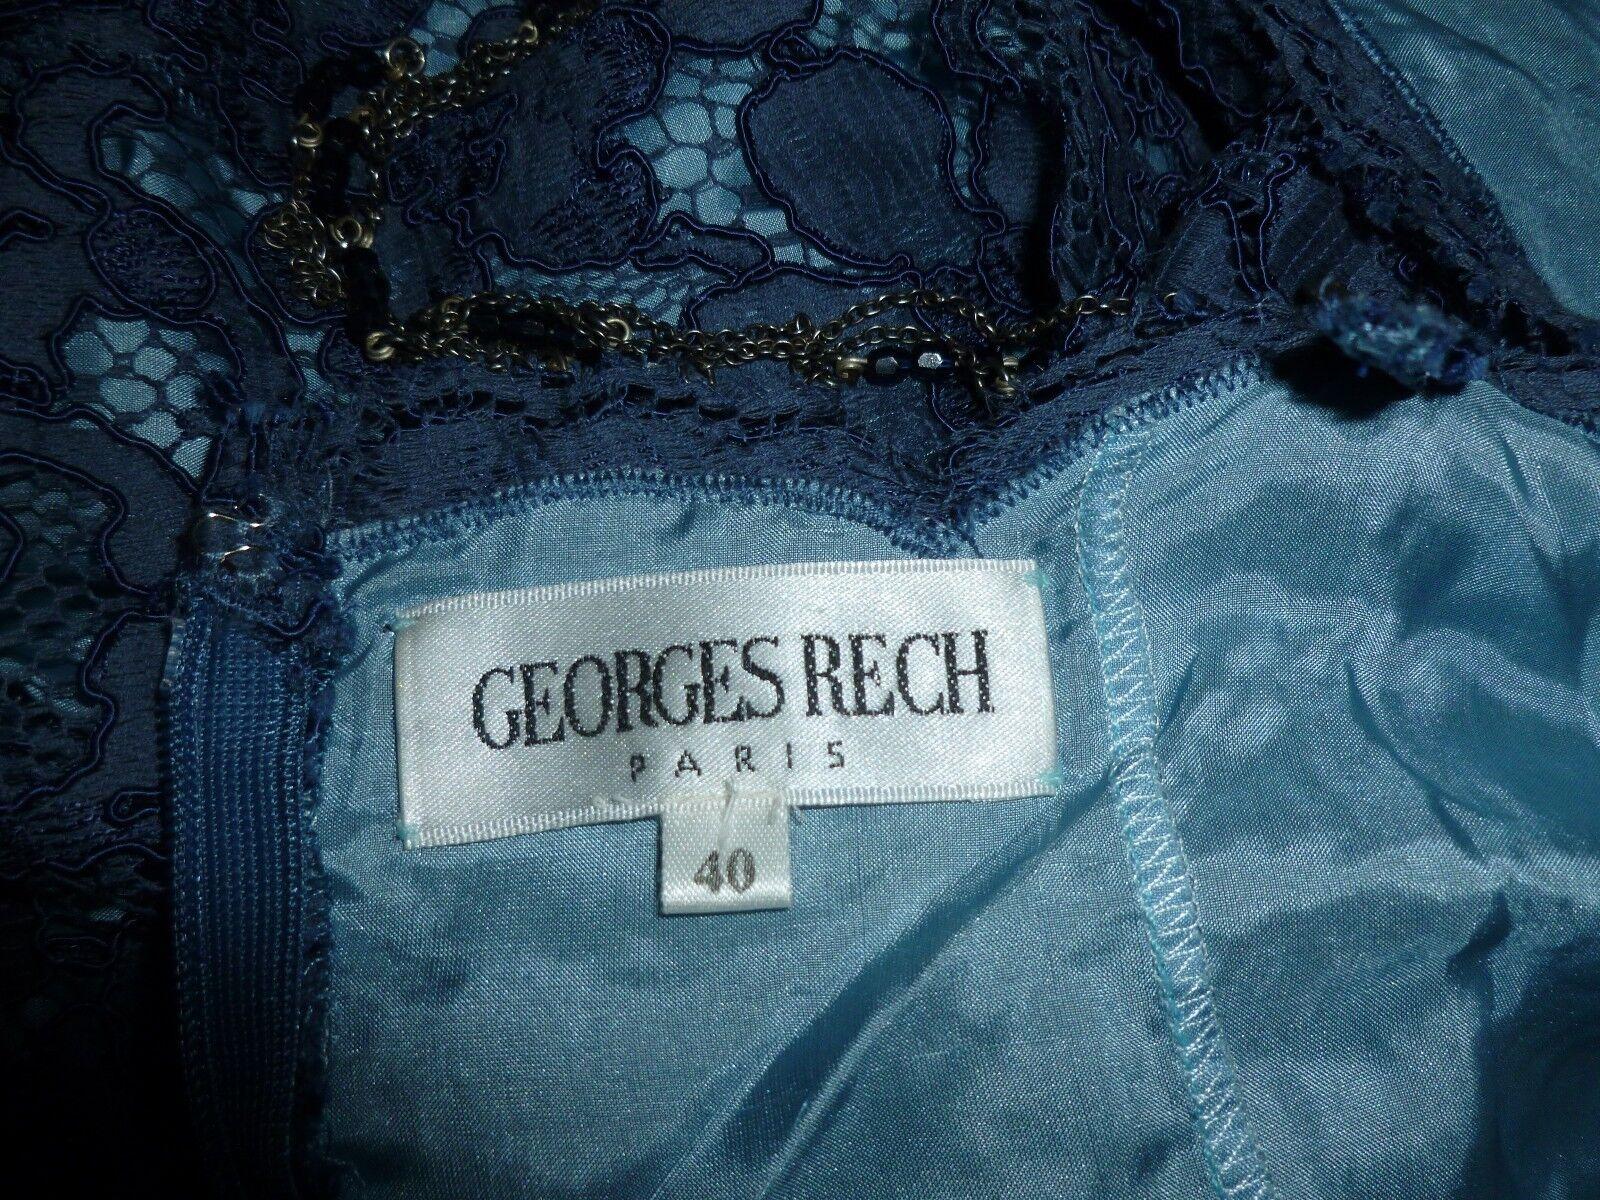 GEORGES RECH PARIS Blau Blau Blau COTTON LACE ON PURE SILK LINING  DRESS     UK  12  EU 40 | Viele Sorten  | Moderne Muster  | Angenehmes Aussehen  06145d